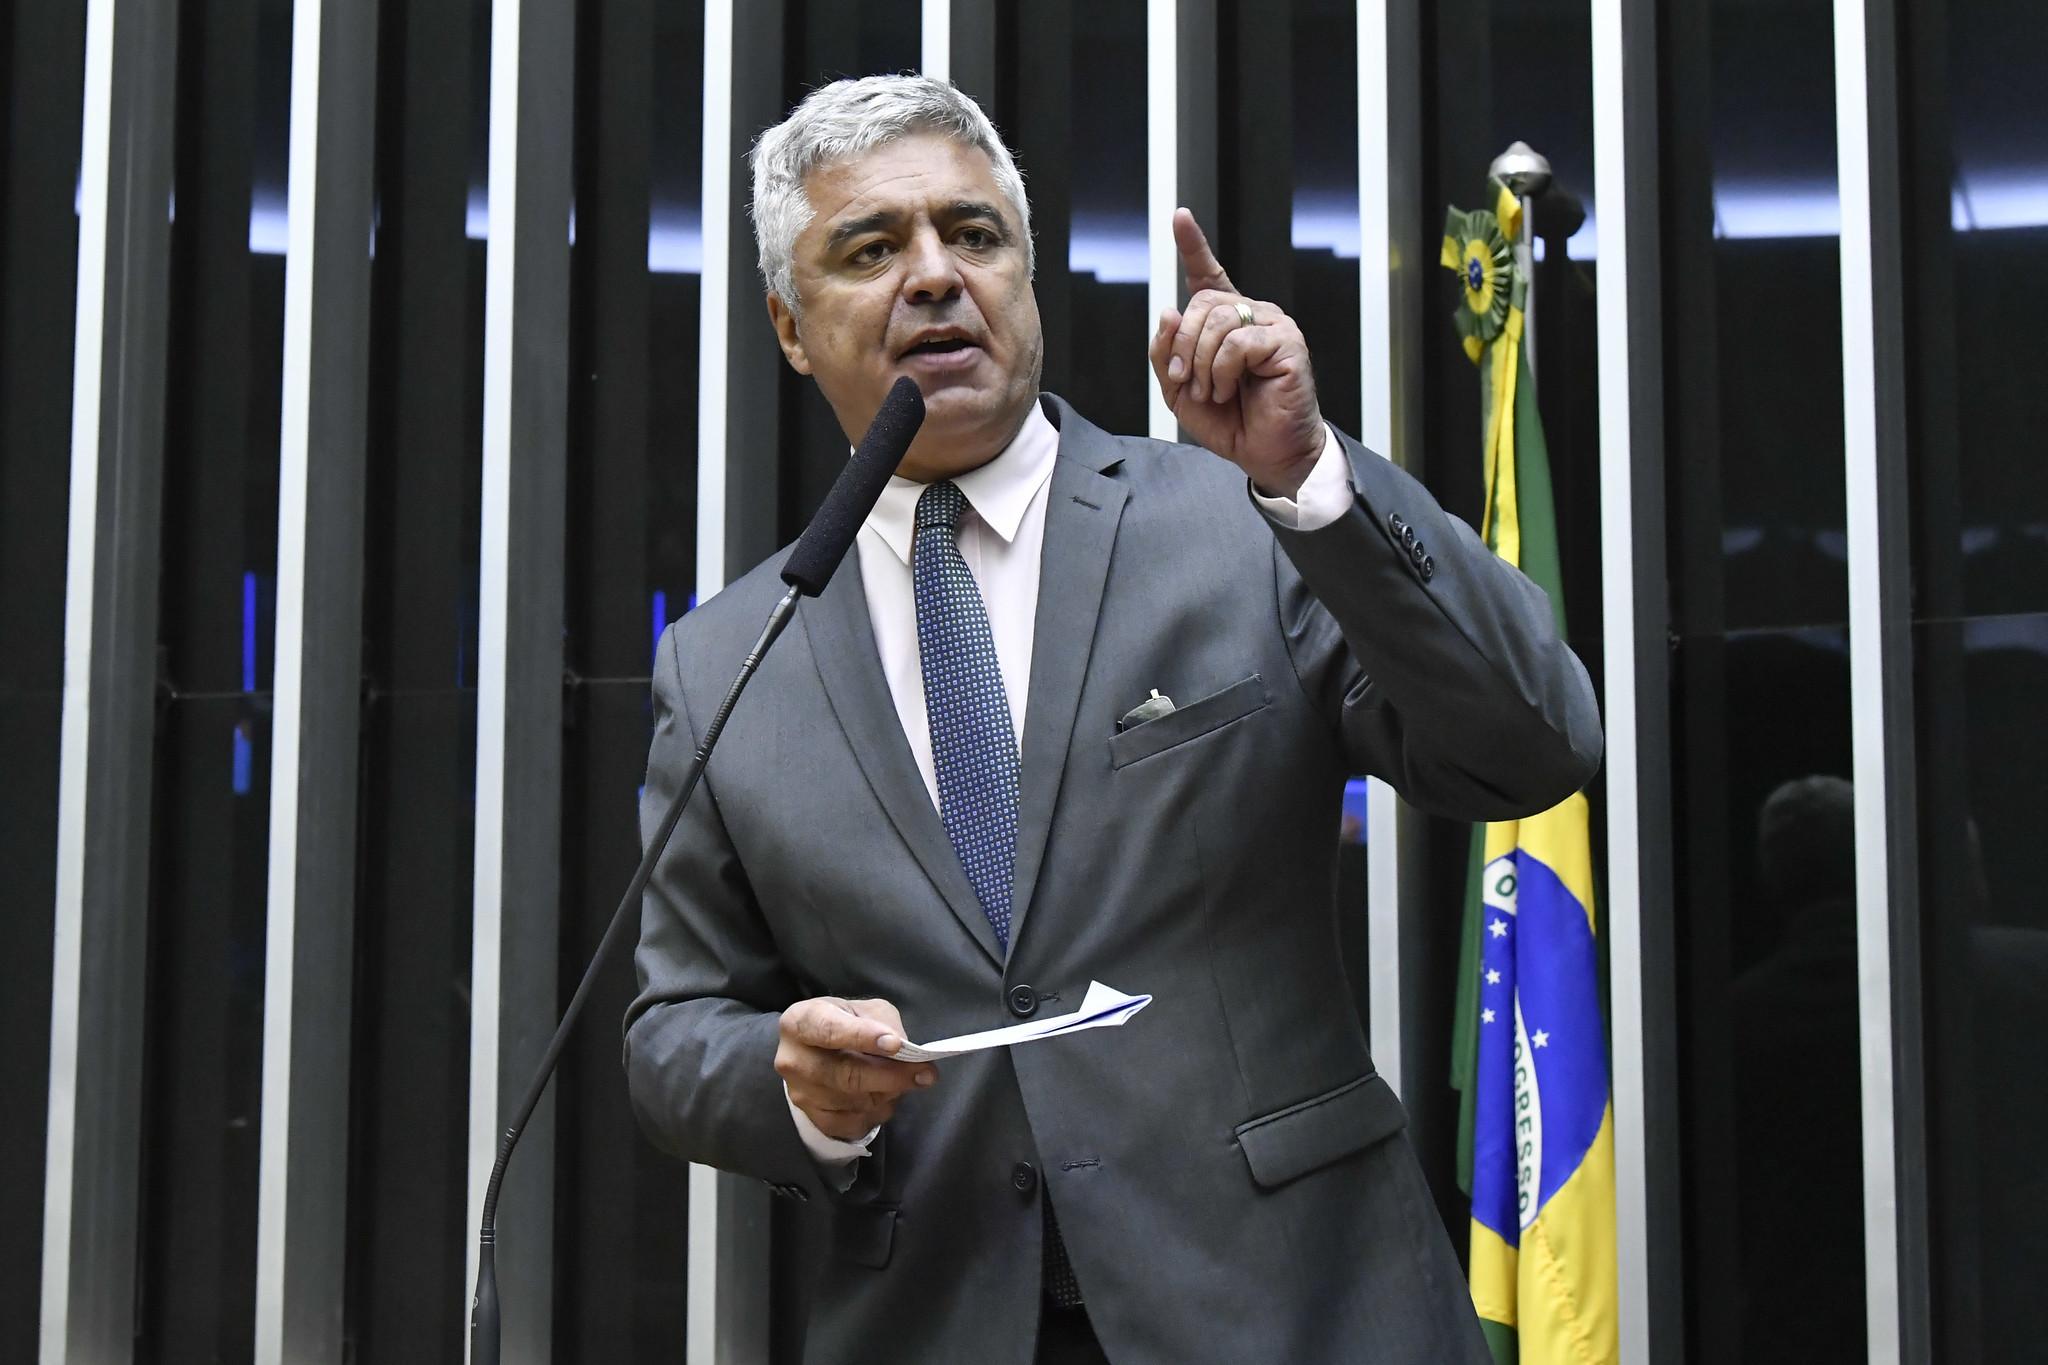 Decisão de Fachin dá credibilidade à Lava Jato, diz Major Olímpio